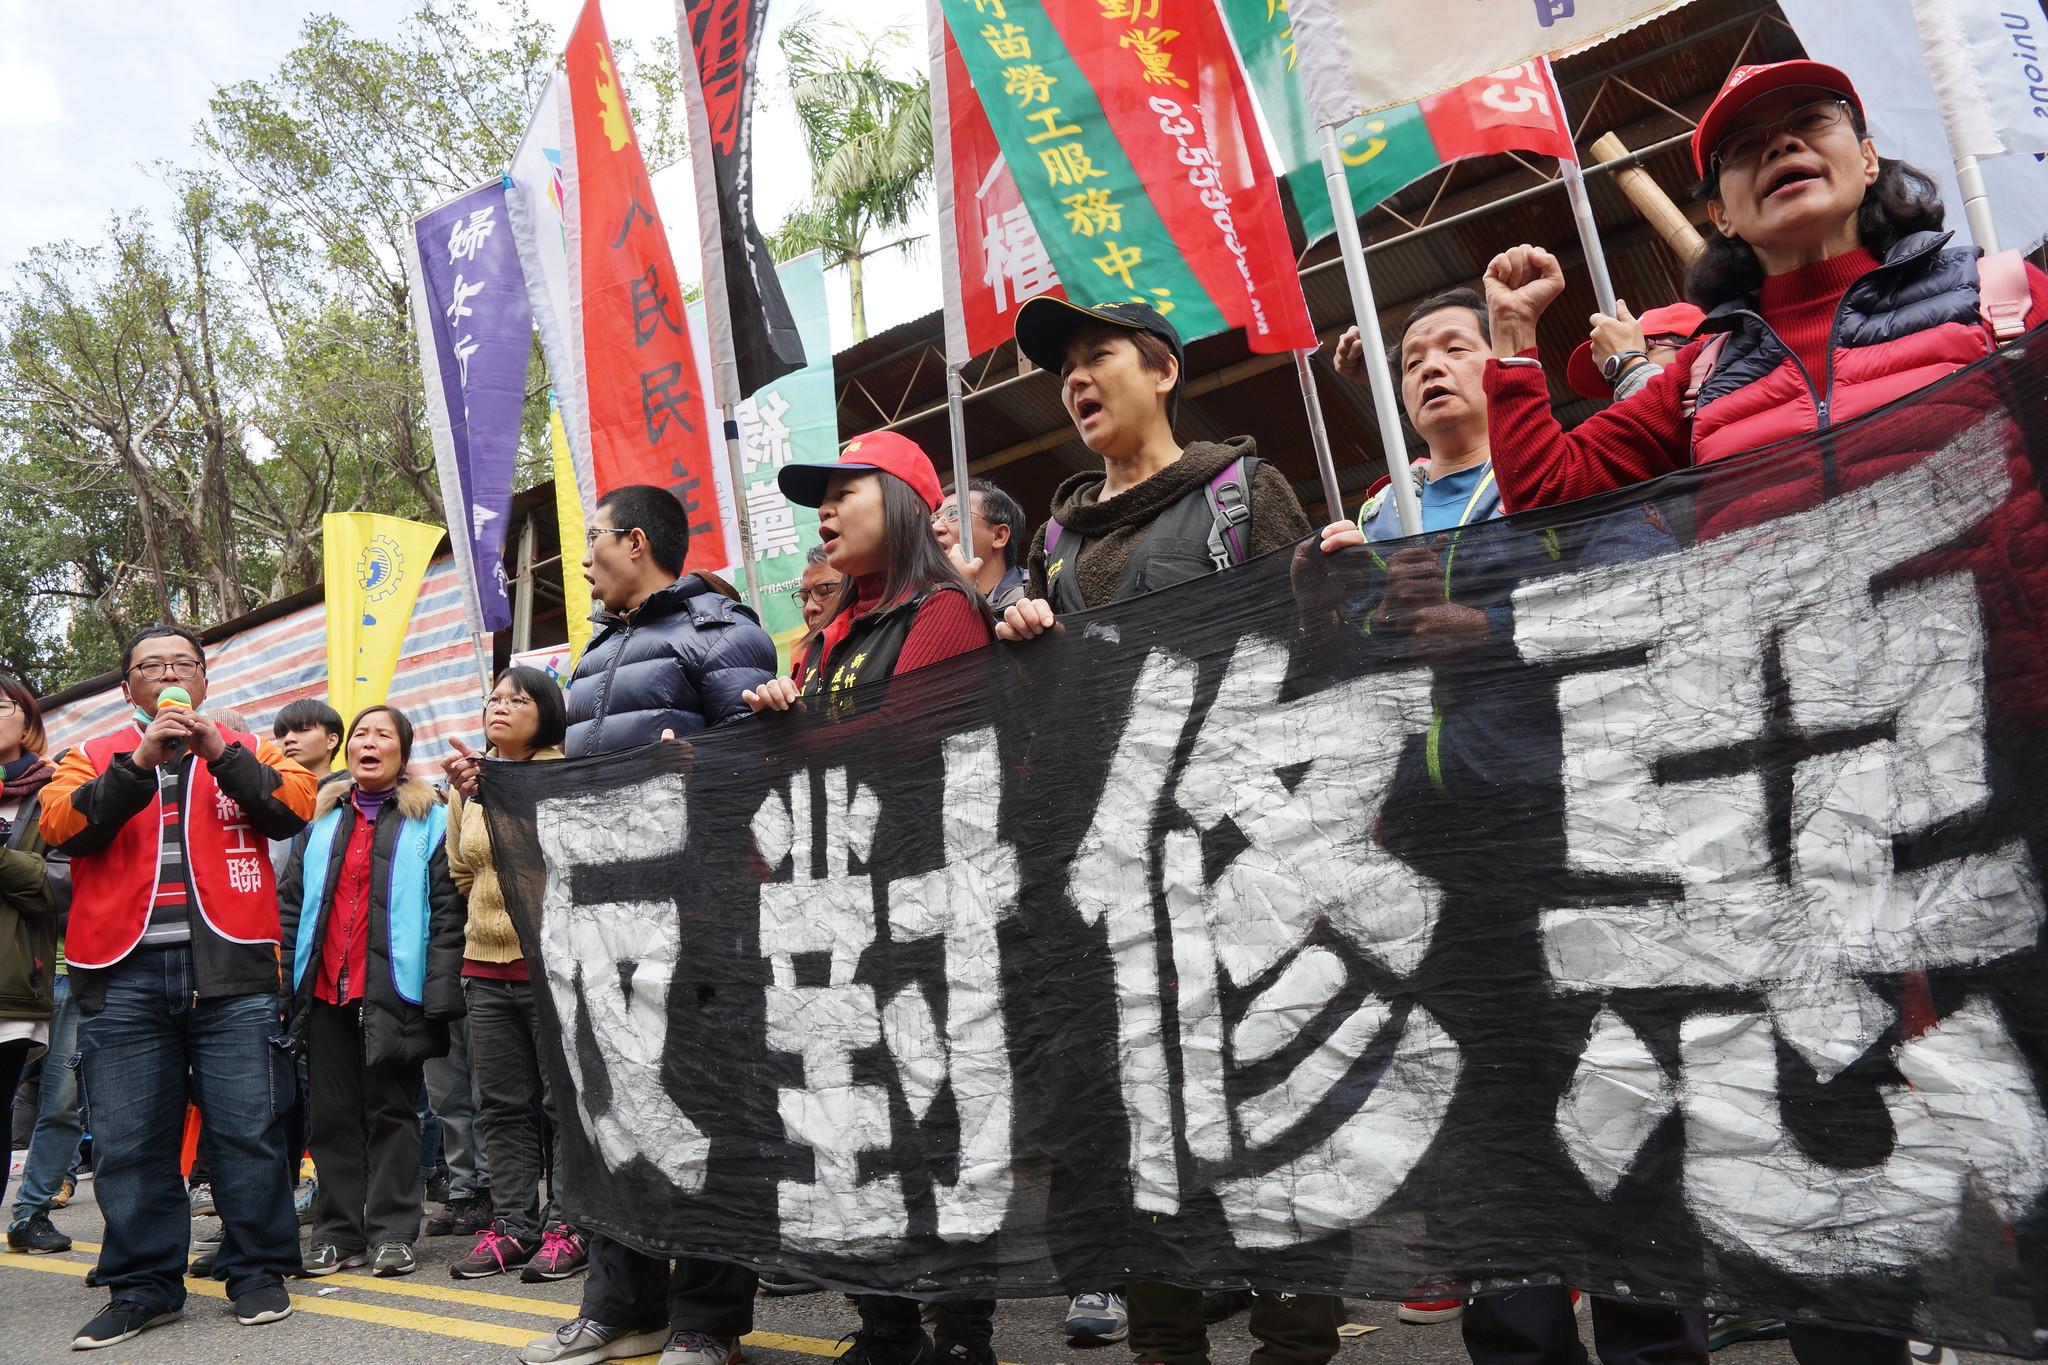 勞團回到青島東路帳篷區,並高喊將組成政治勢力。(攝影:王顥中)